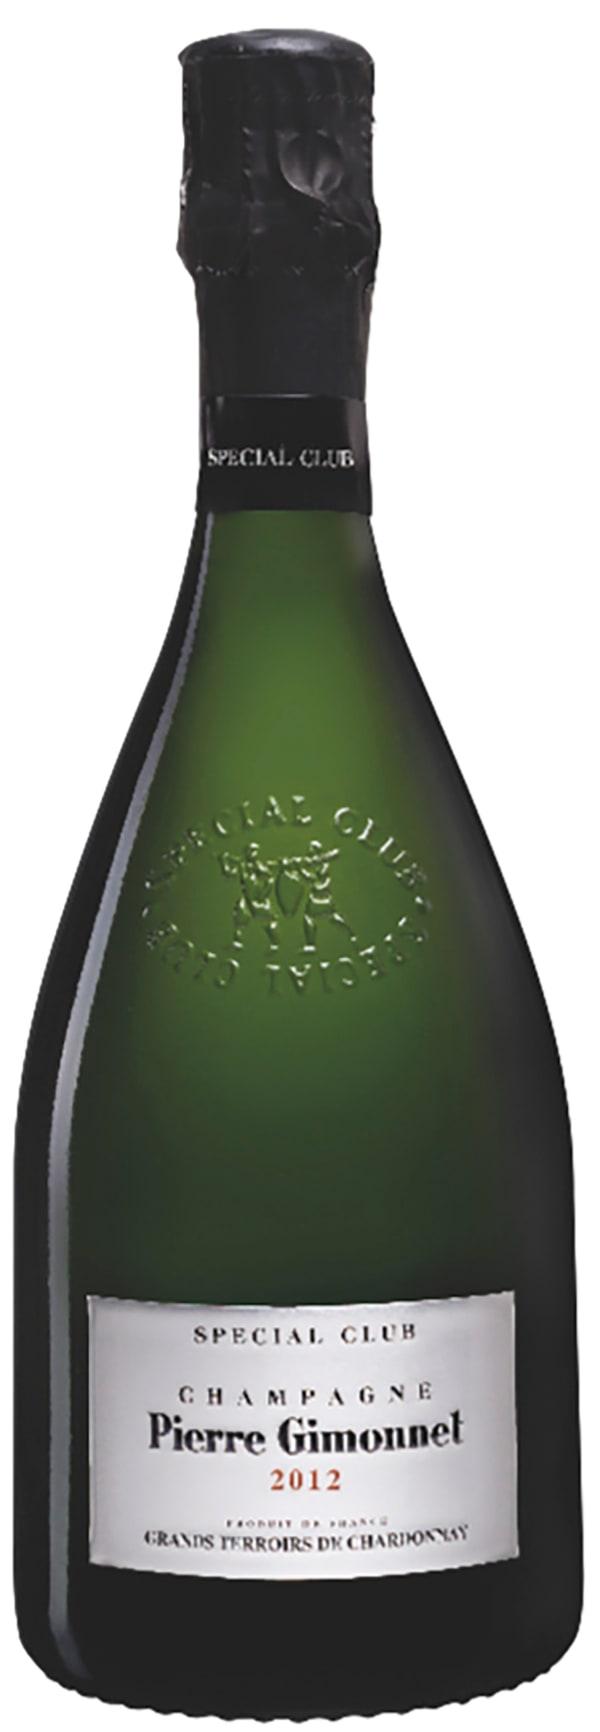 Pierre Gimonnet Special Club Grands Terroirs de Chardonnay Champagne Brut 2014